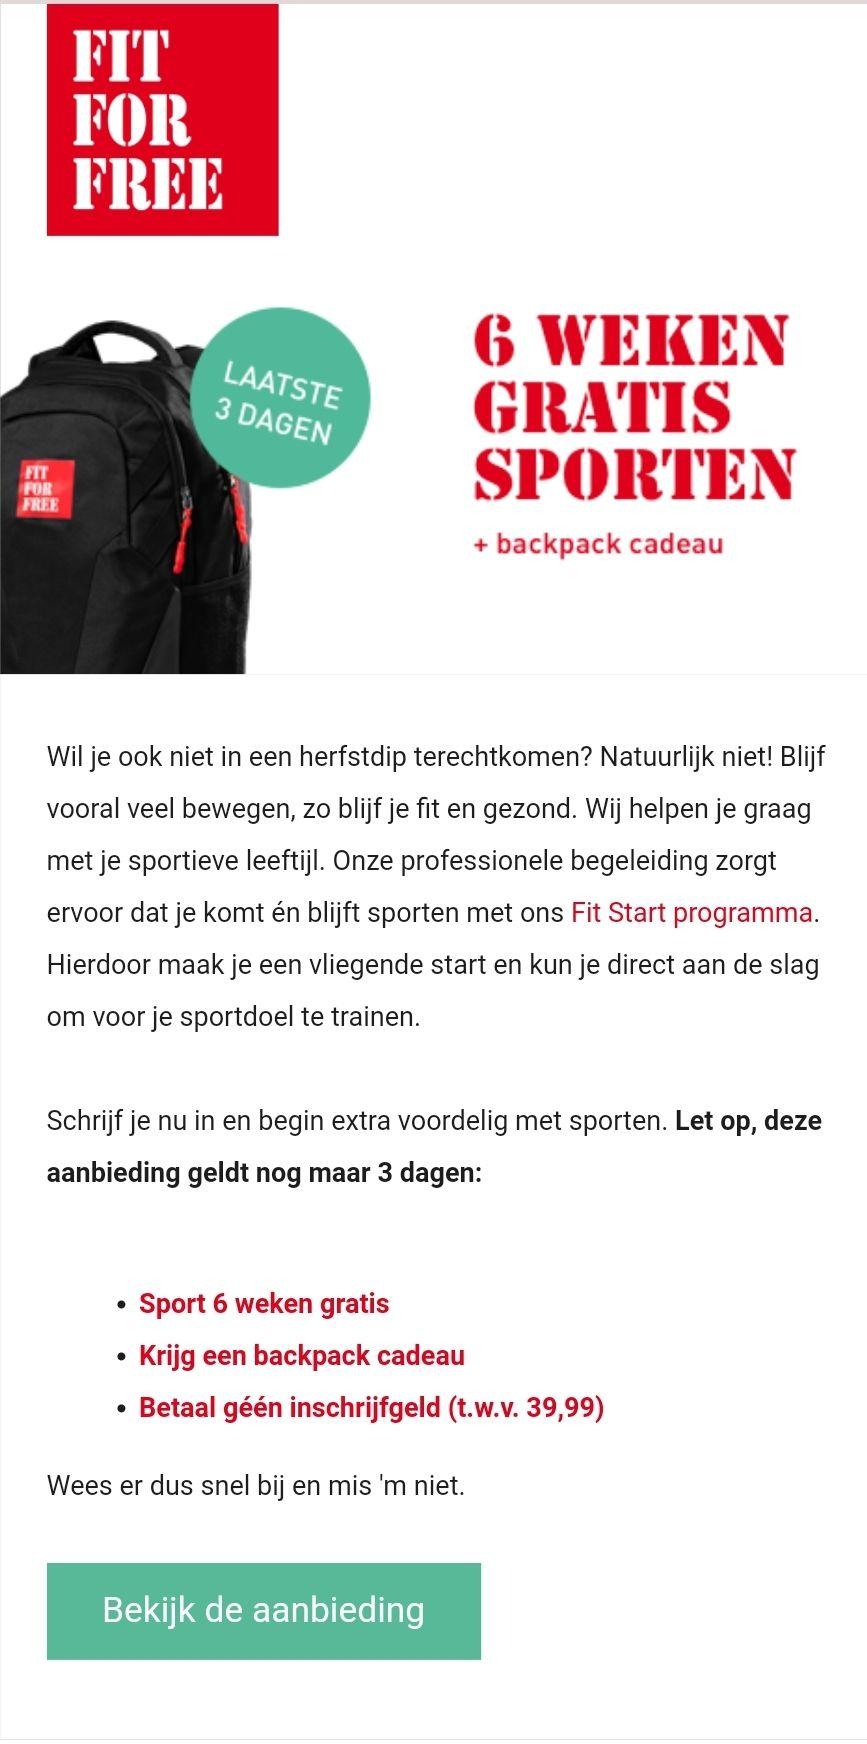 6 weken gratis sporten + backpack cadeau + geen inschrijfgeld @ Fit4Free